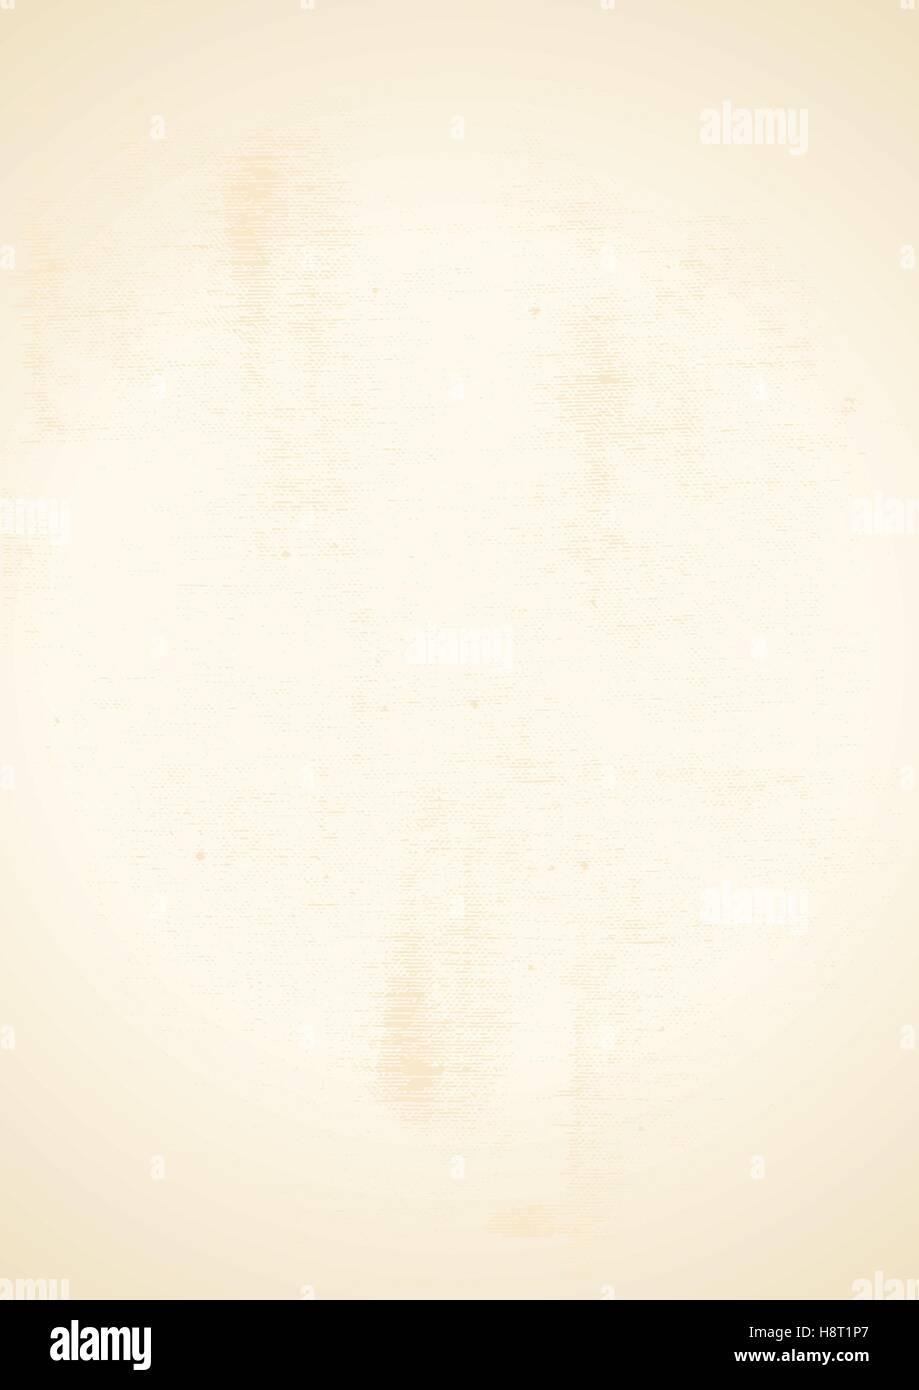 Vecteur, Illustration d'une feuille de papier4 feuille. Style Grunge et usé. Photo Stock